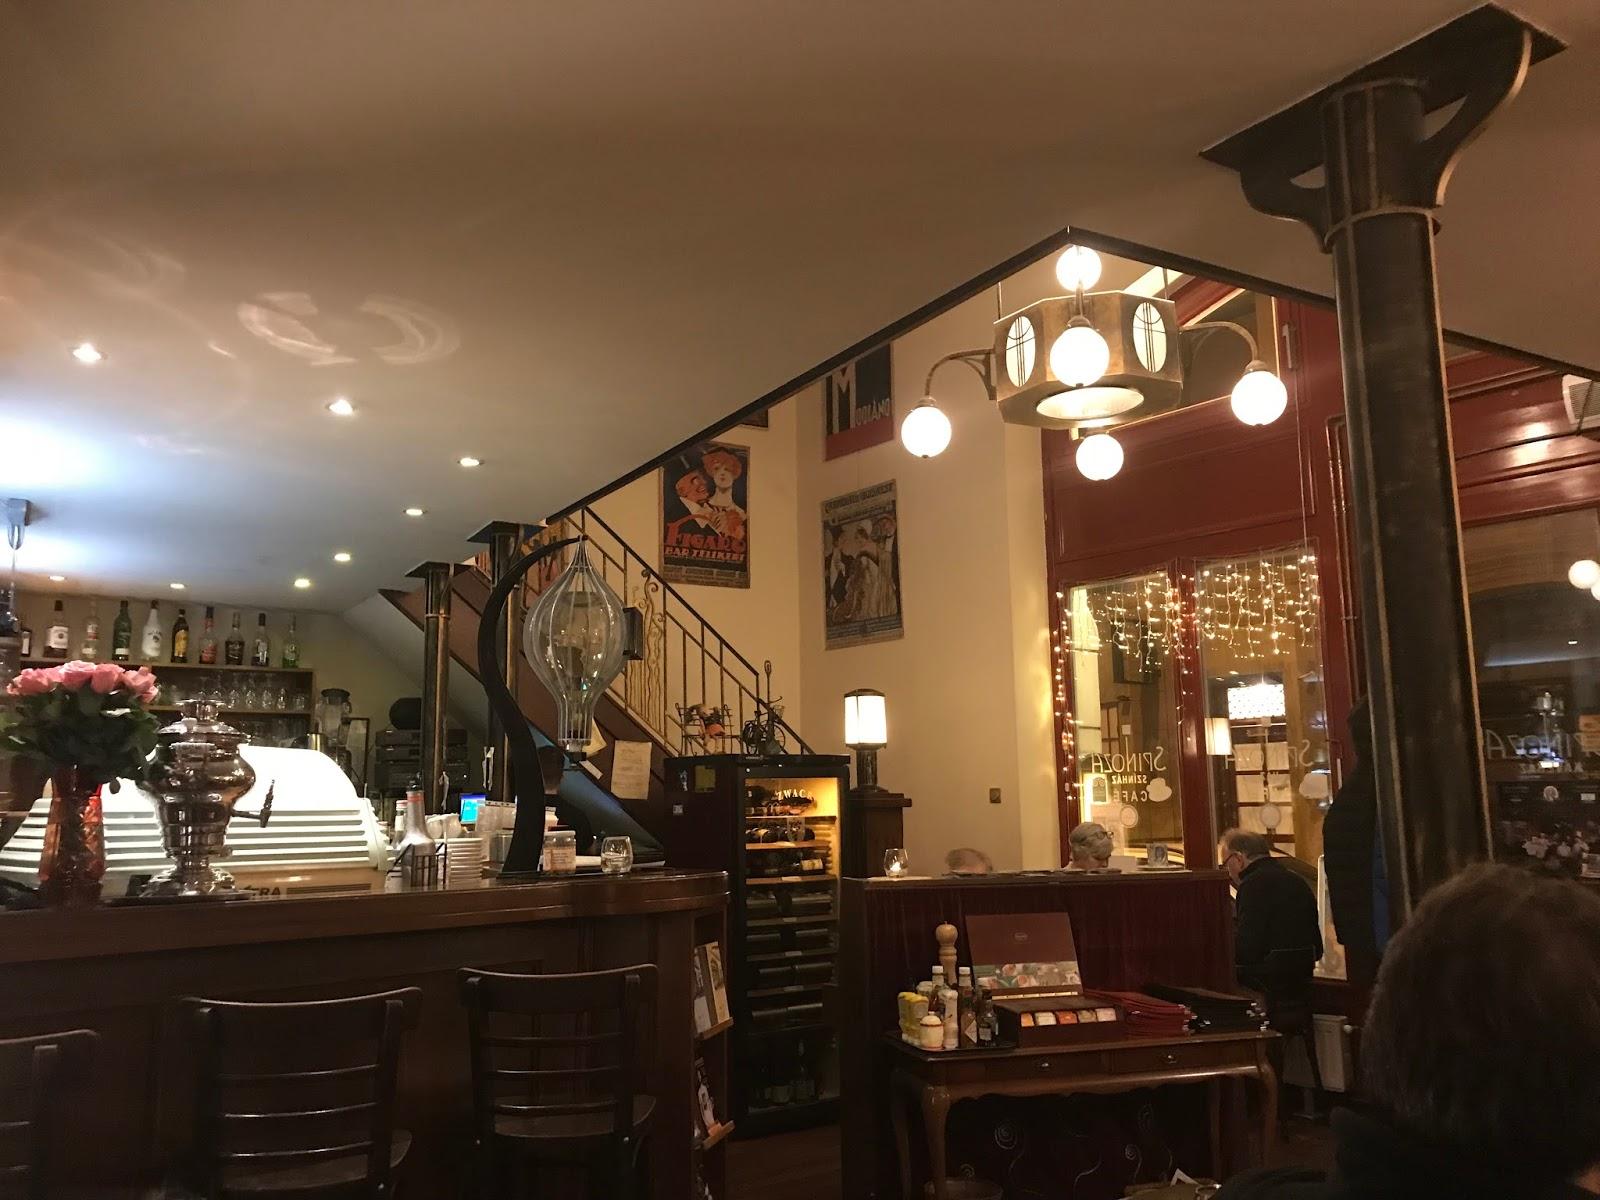 Willkommen Budapest Bei Nacht Weil Der Winter Dunkel Ist